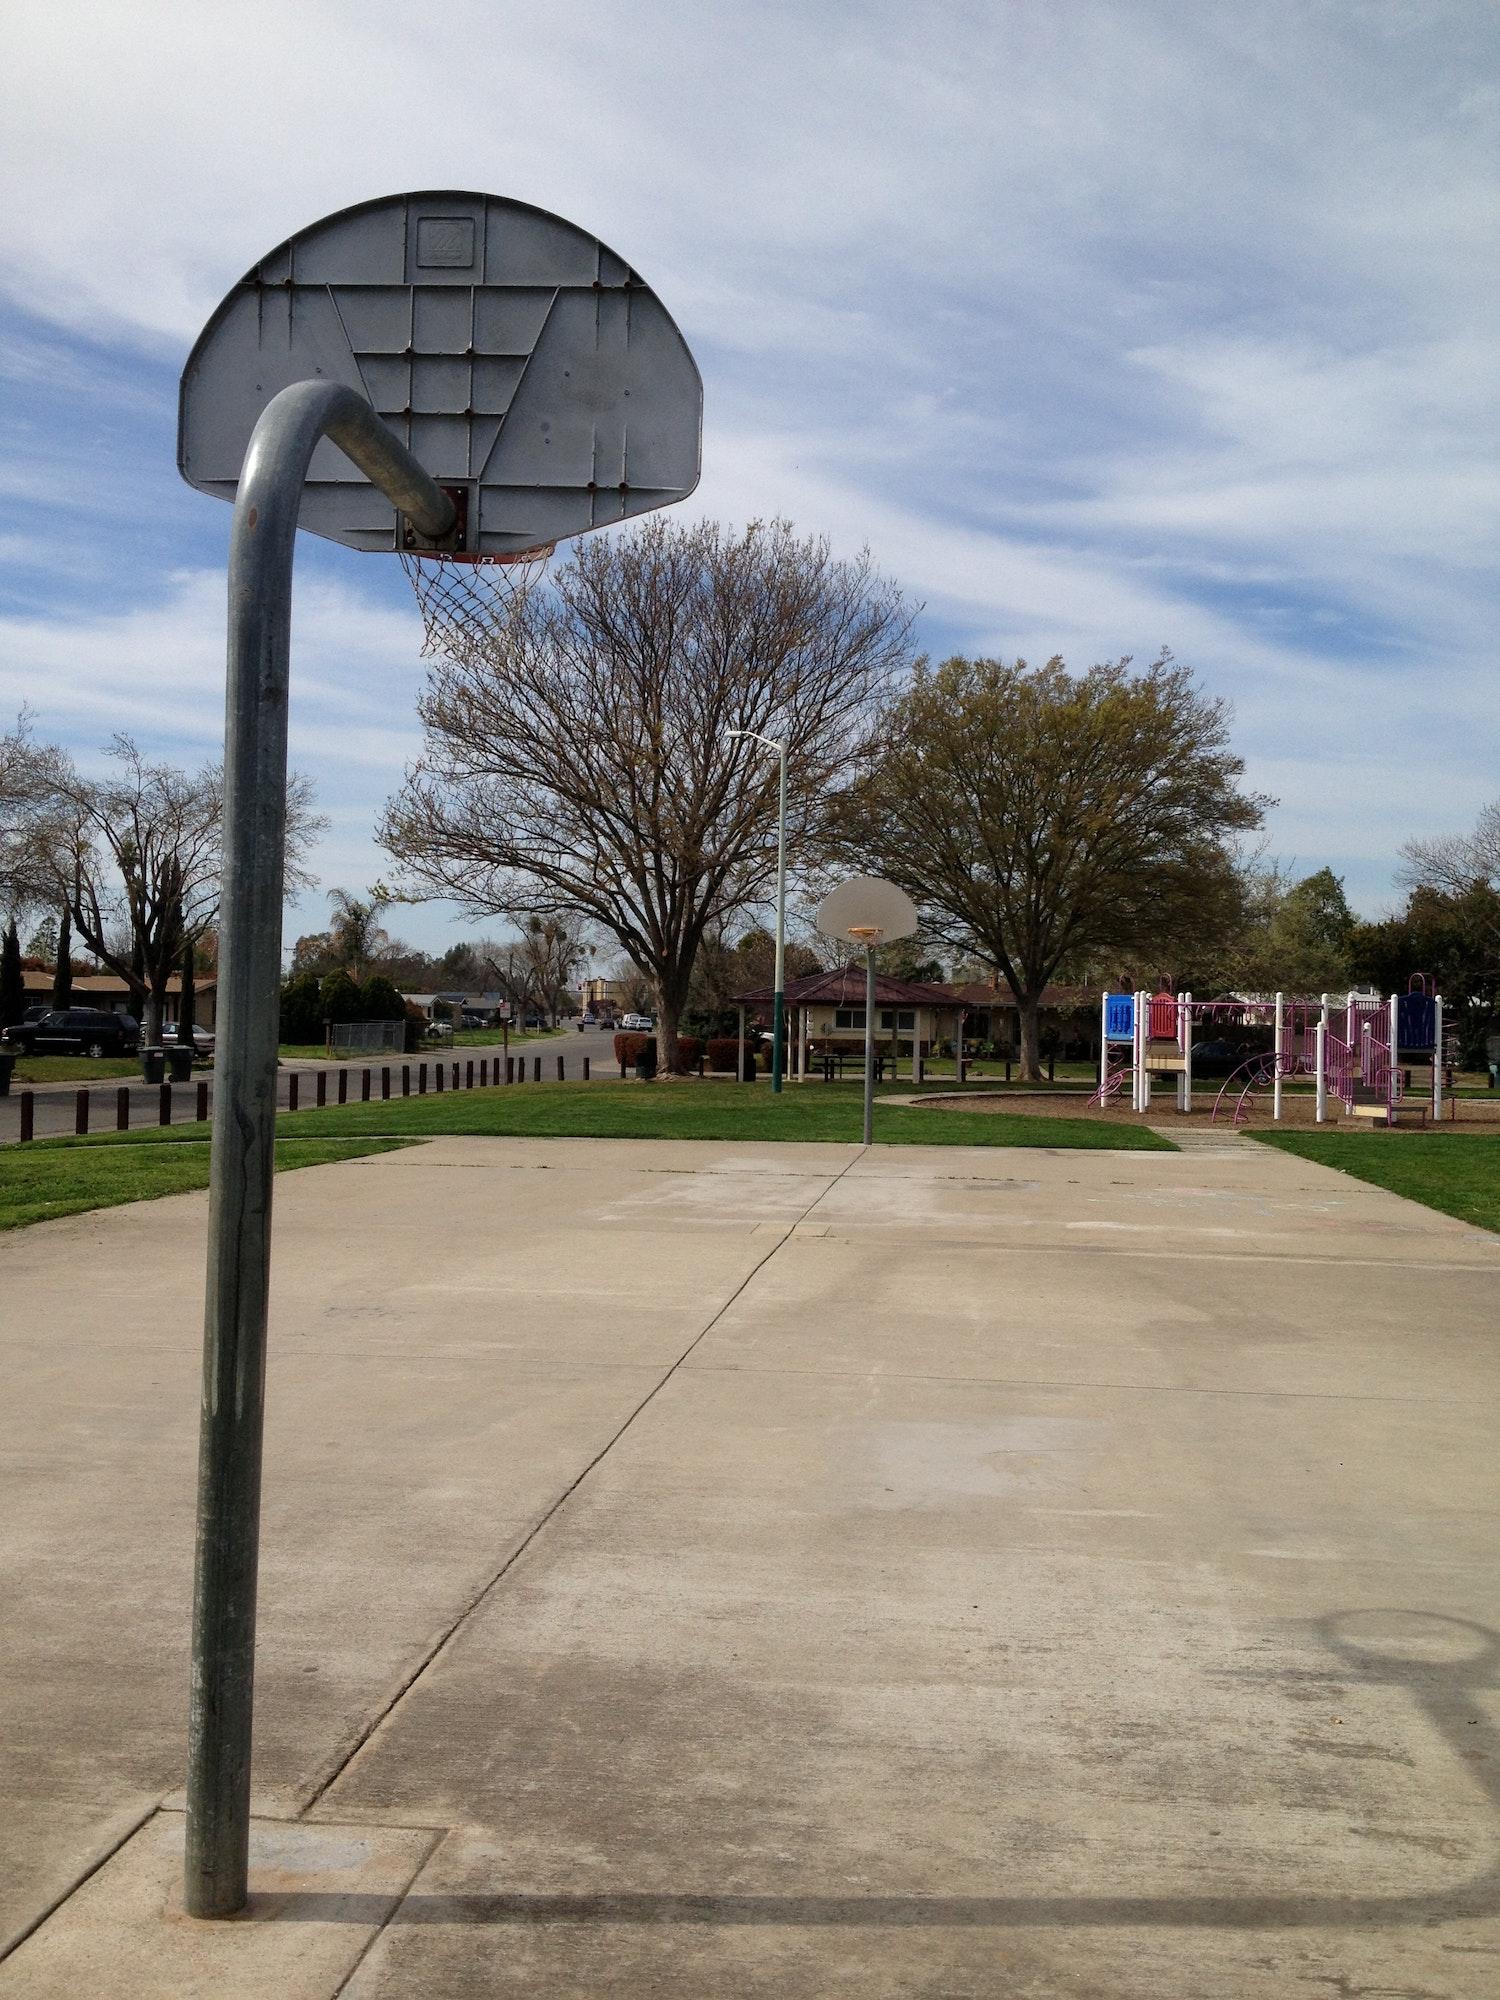 Larchmont Park basketball court